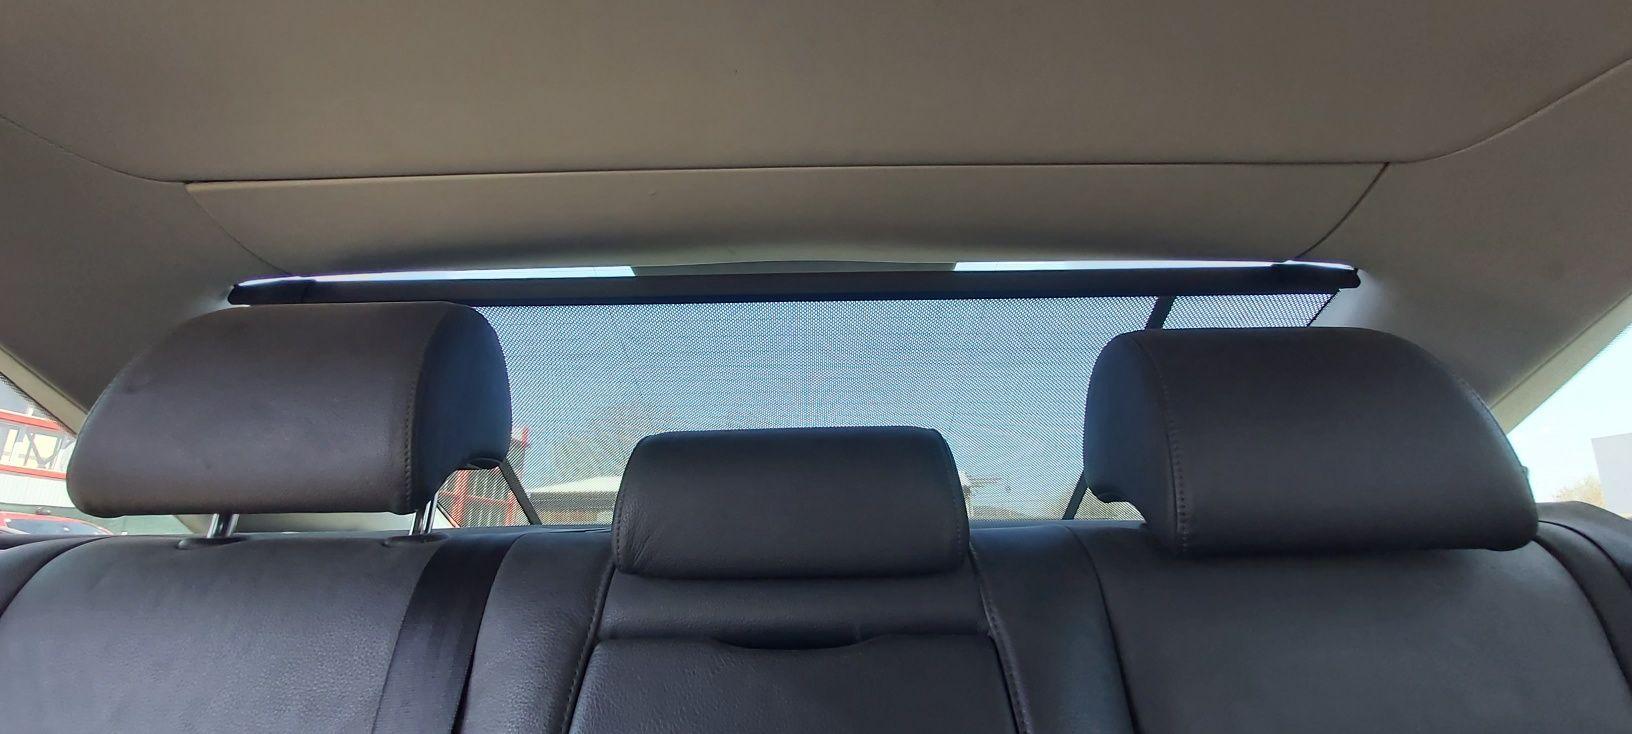 Задна ел щора за Ауди А6 Ц6 4Ф седан / Audi A 6 C 6 4F